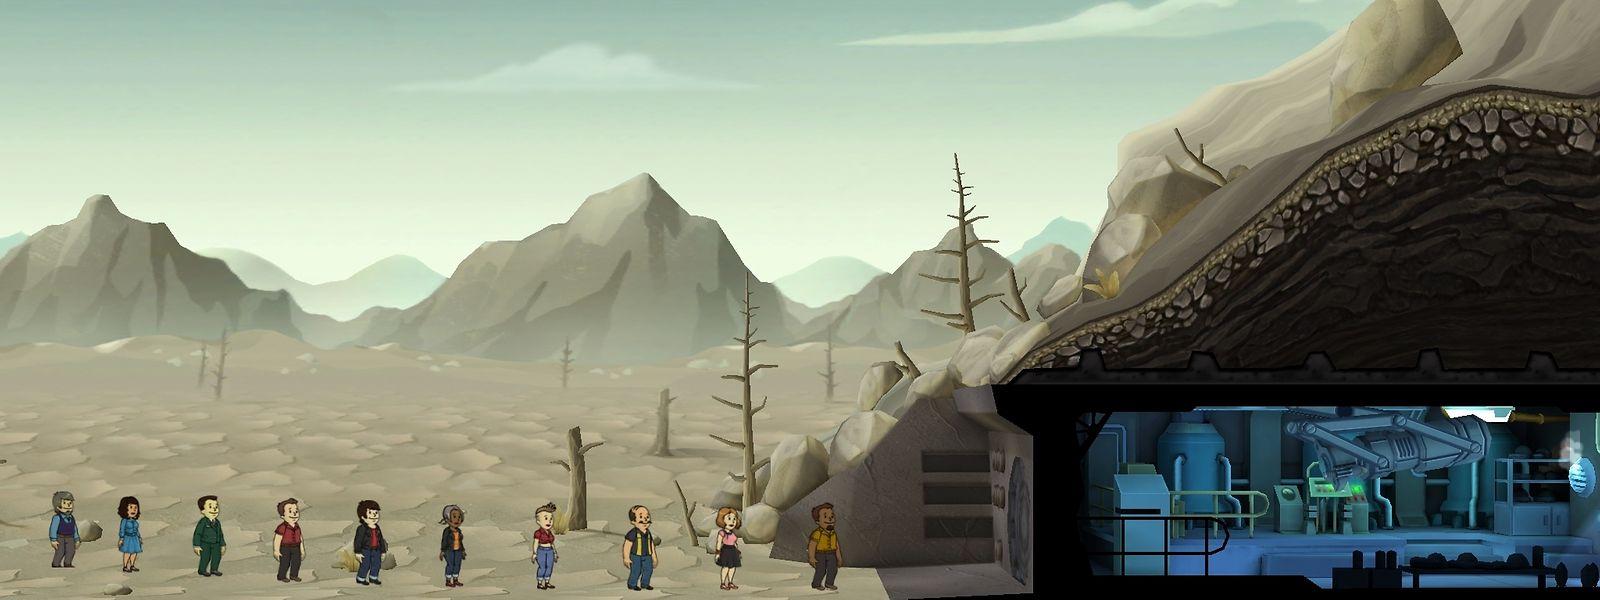 Anstellen zum Überleben: In Fallout Shelter verwaltet der Spieler einen Atombunker und muss das Überleben der Bewohner sichern.